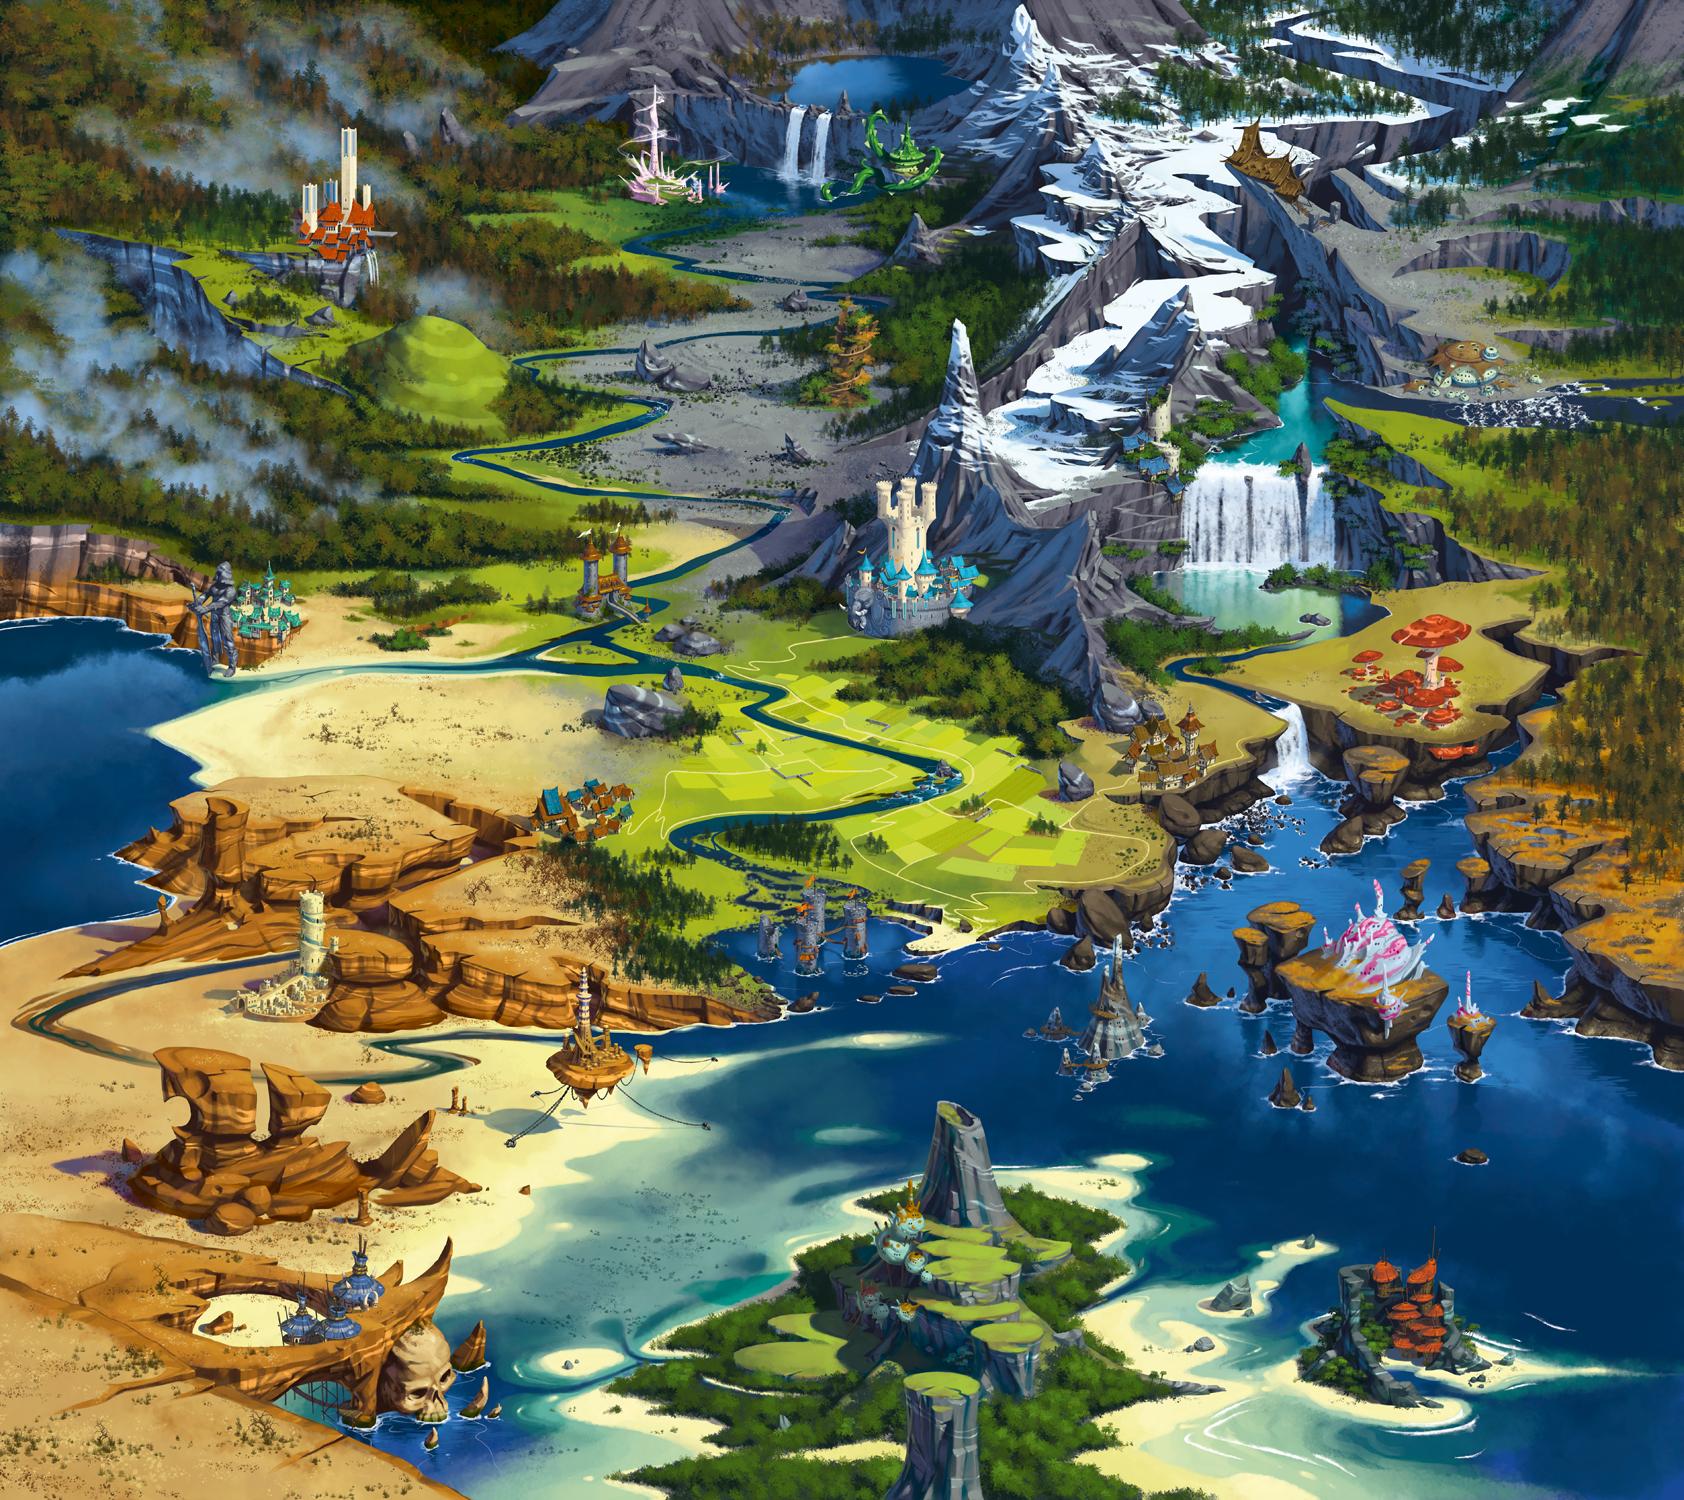 Galeria de Arte: Ficção & Fantasia 1 - Página 4 Lords_of_xidit_boardgame_by_naiiade-d7w464p